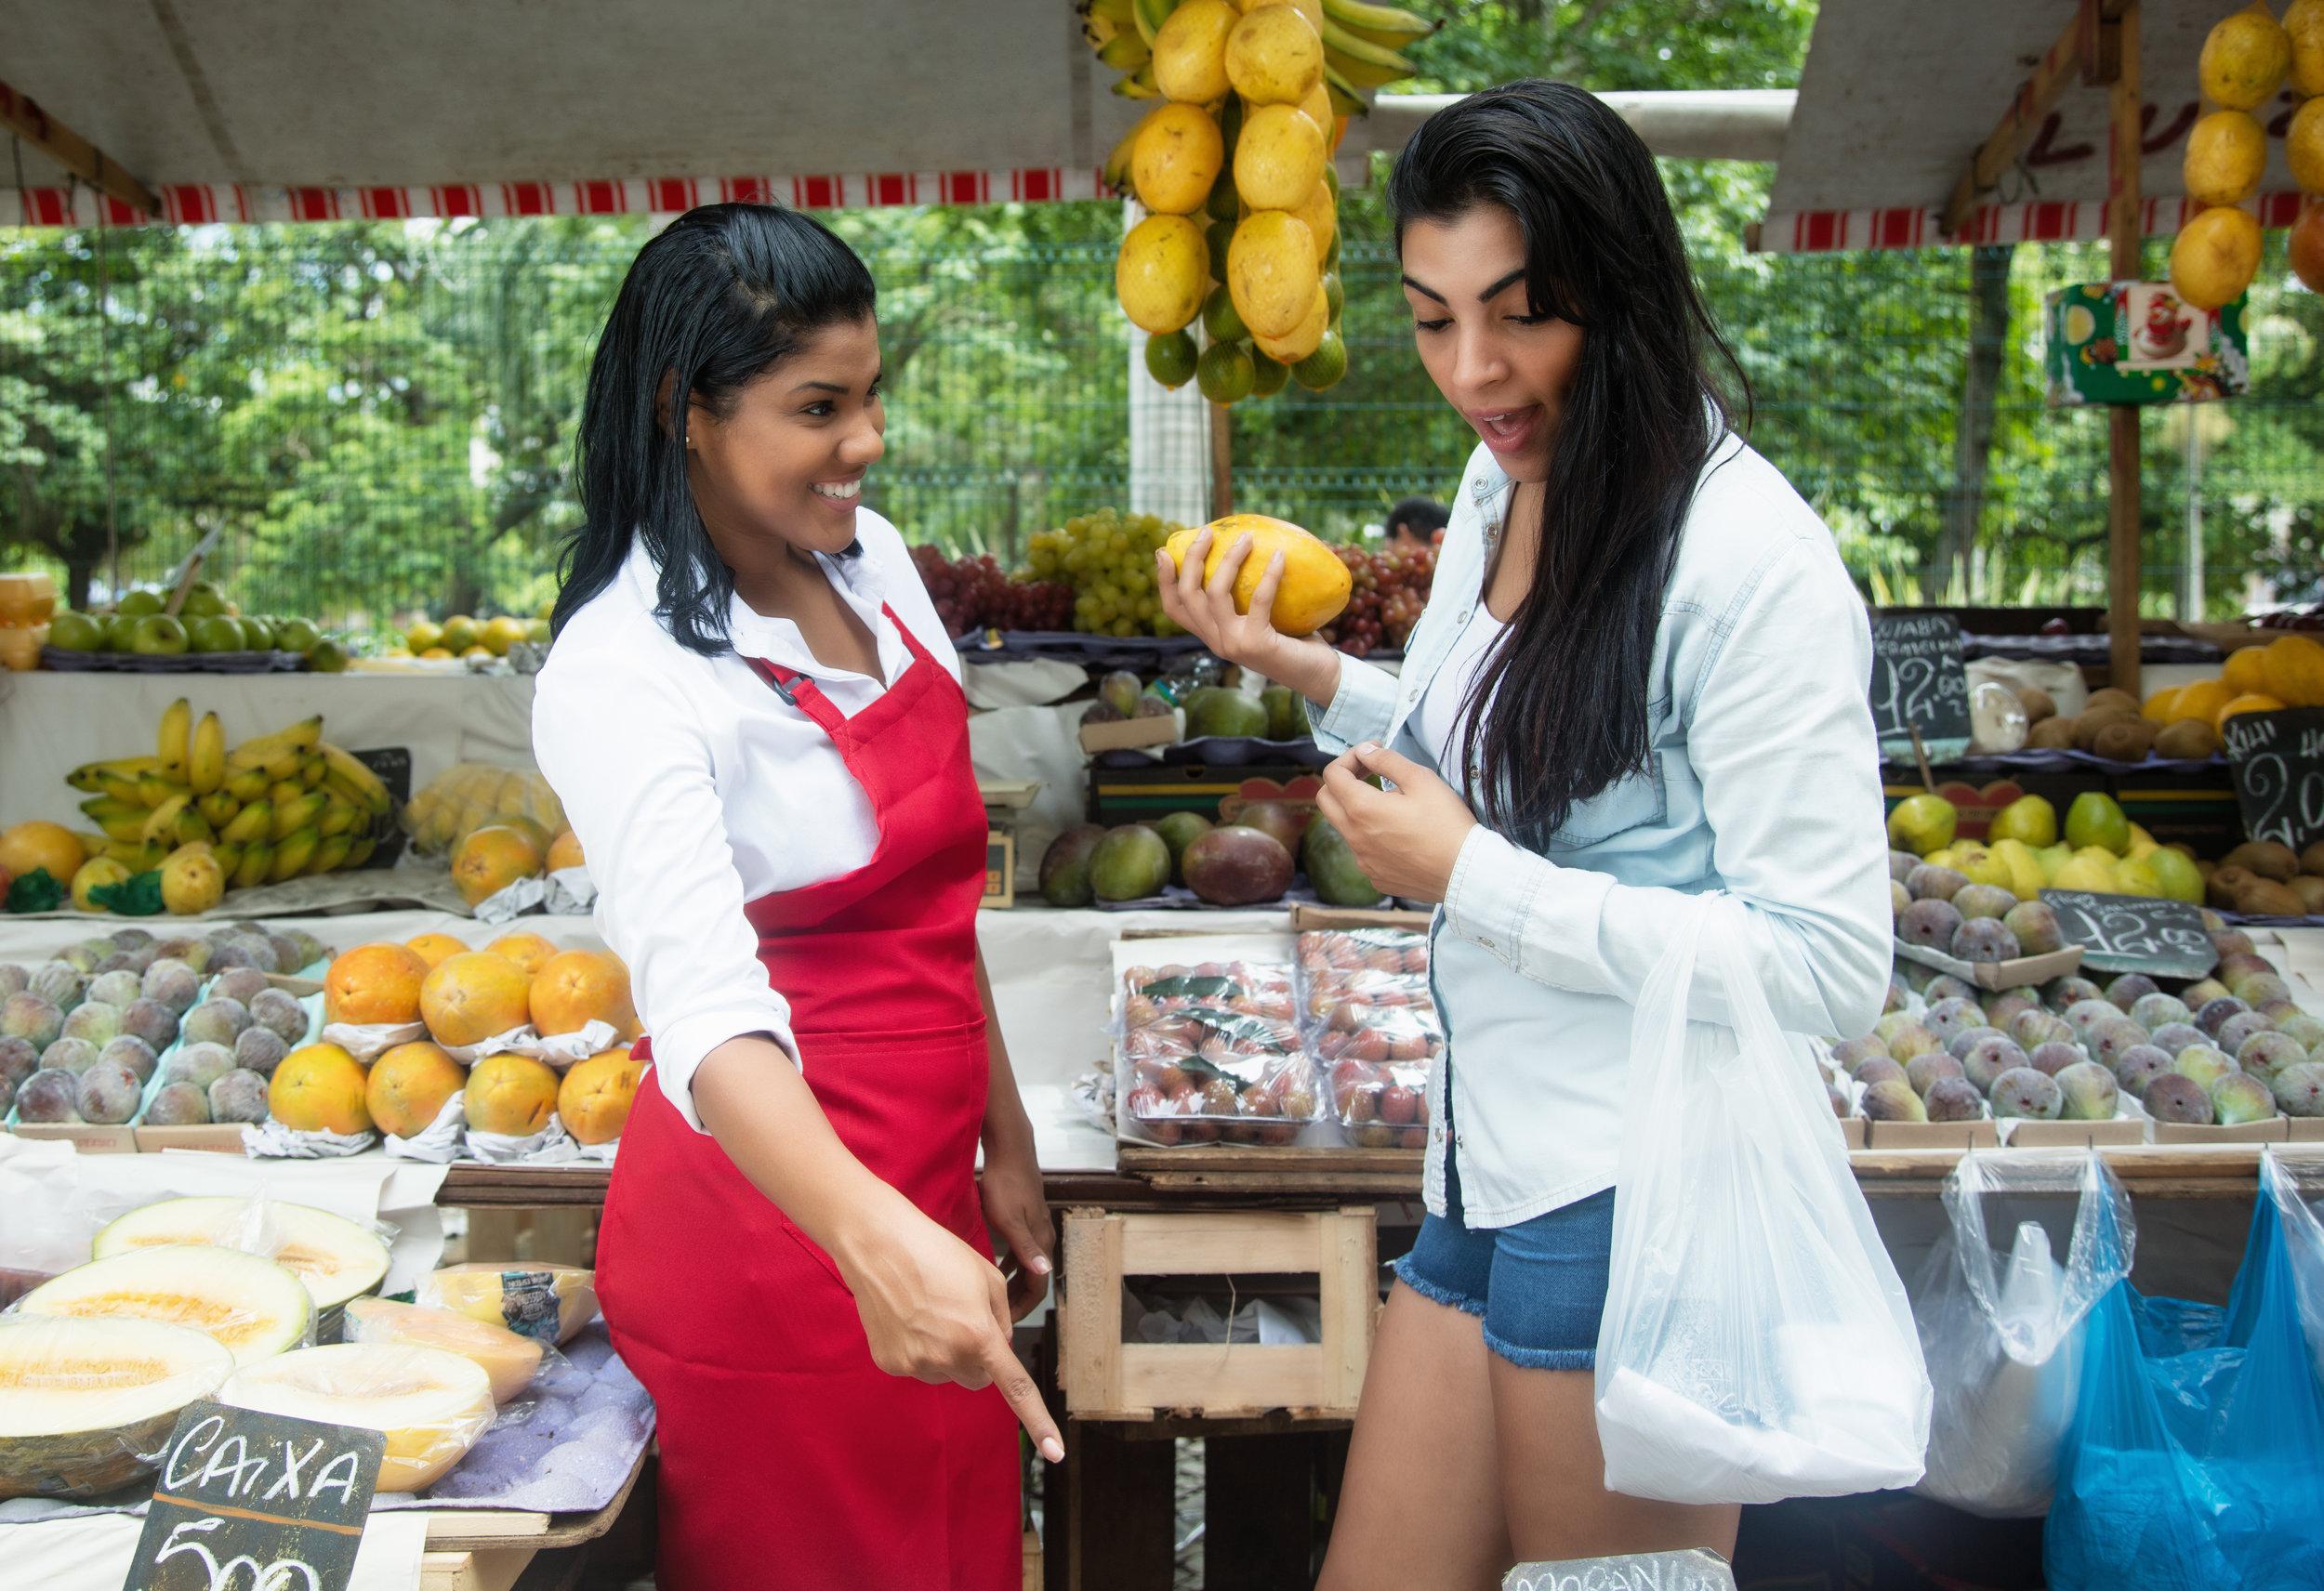 Obstverkäuferin auf dem Wochenmarkt zeigt Kundin ihre Waren